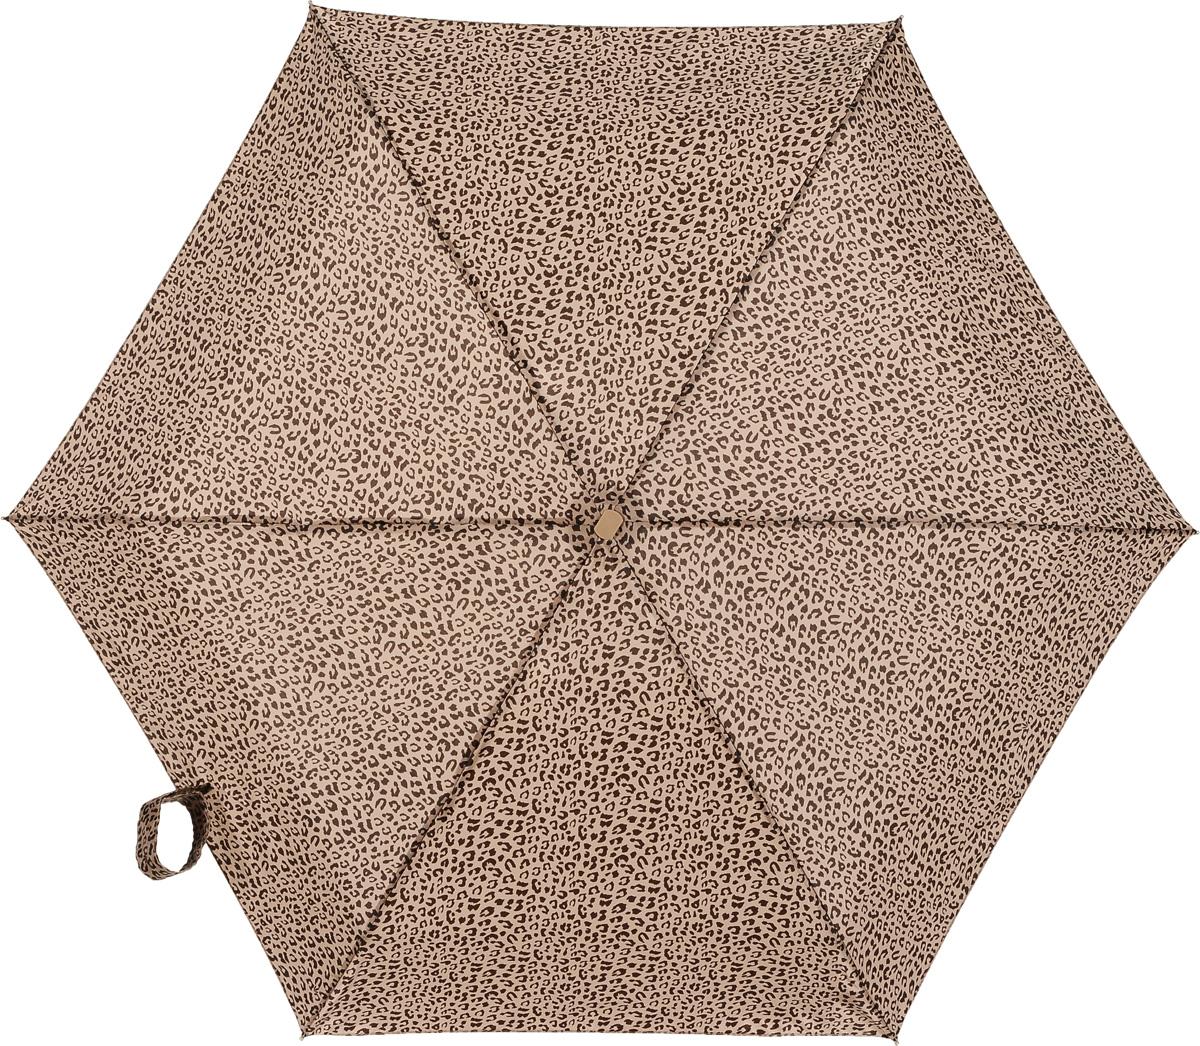 Зонт женский Fulton, механический, 5 сложений, цвет: бежевый, коричневый. L501-2746Колье (короткие одноярусные бусы)Компактный женский зонт Fulton выполнен из металла, пластика и оформлен леопардовым принтом.Каркас зонта выполнен из шести спиц на прочном стержне. Купол зонта изготовлен прочного полиэстера. Закрытый купол застегивается на липучку хлястиком. Практичная рукоятка закругленной формы разработана с учетом требований эргономики и выполнена из натурального каучука.Зонт складывается и раскладывается механическим способом.Такой зонт не только надежно защитит от дождя, но и станет стильным аксессуаром.